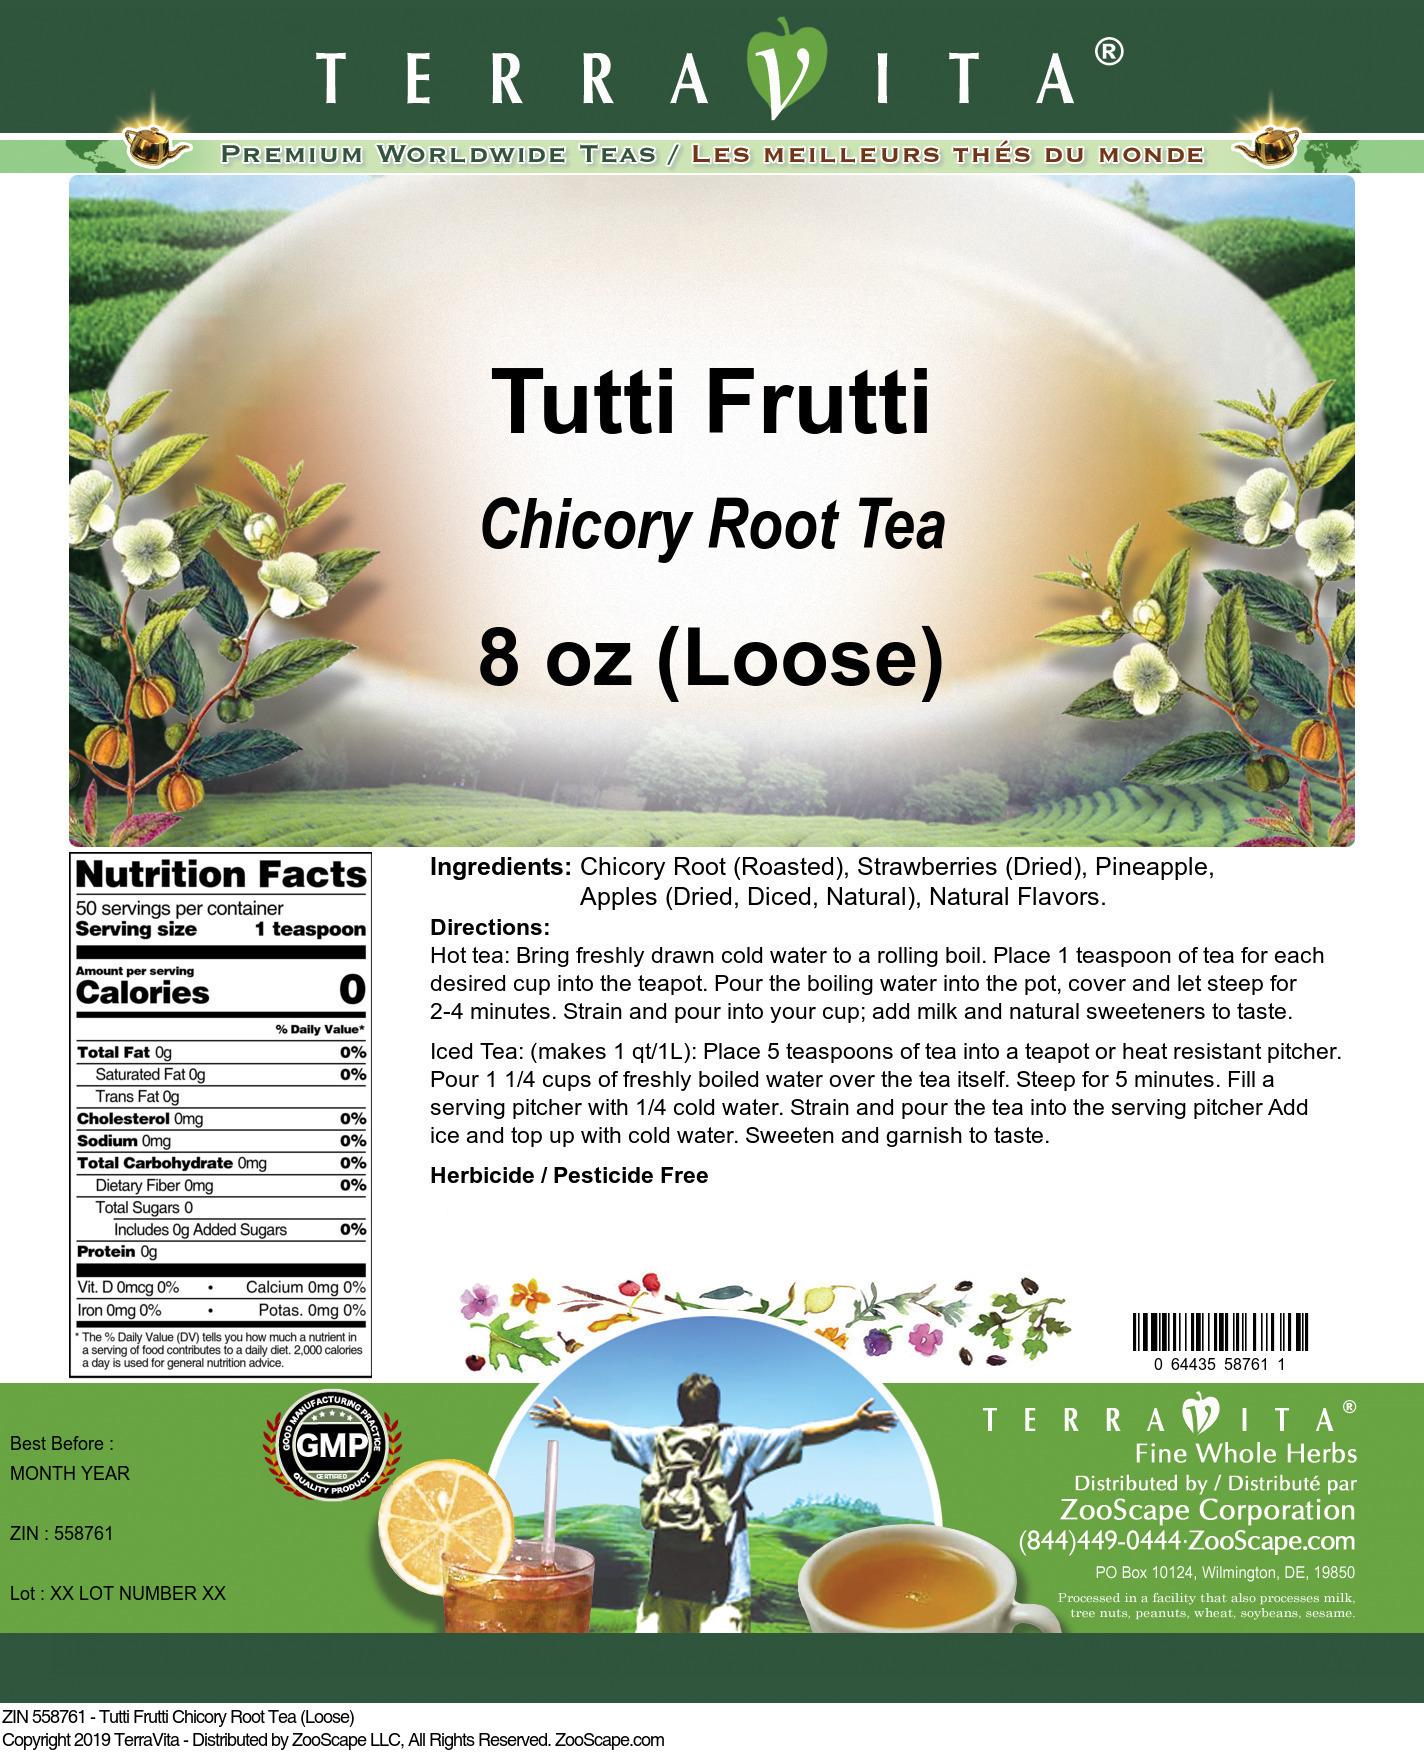 Tutti Frutti Chicory Root